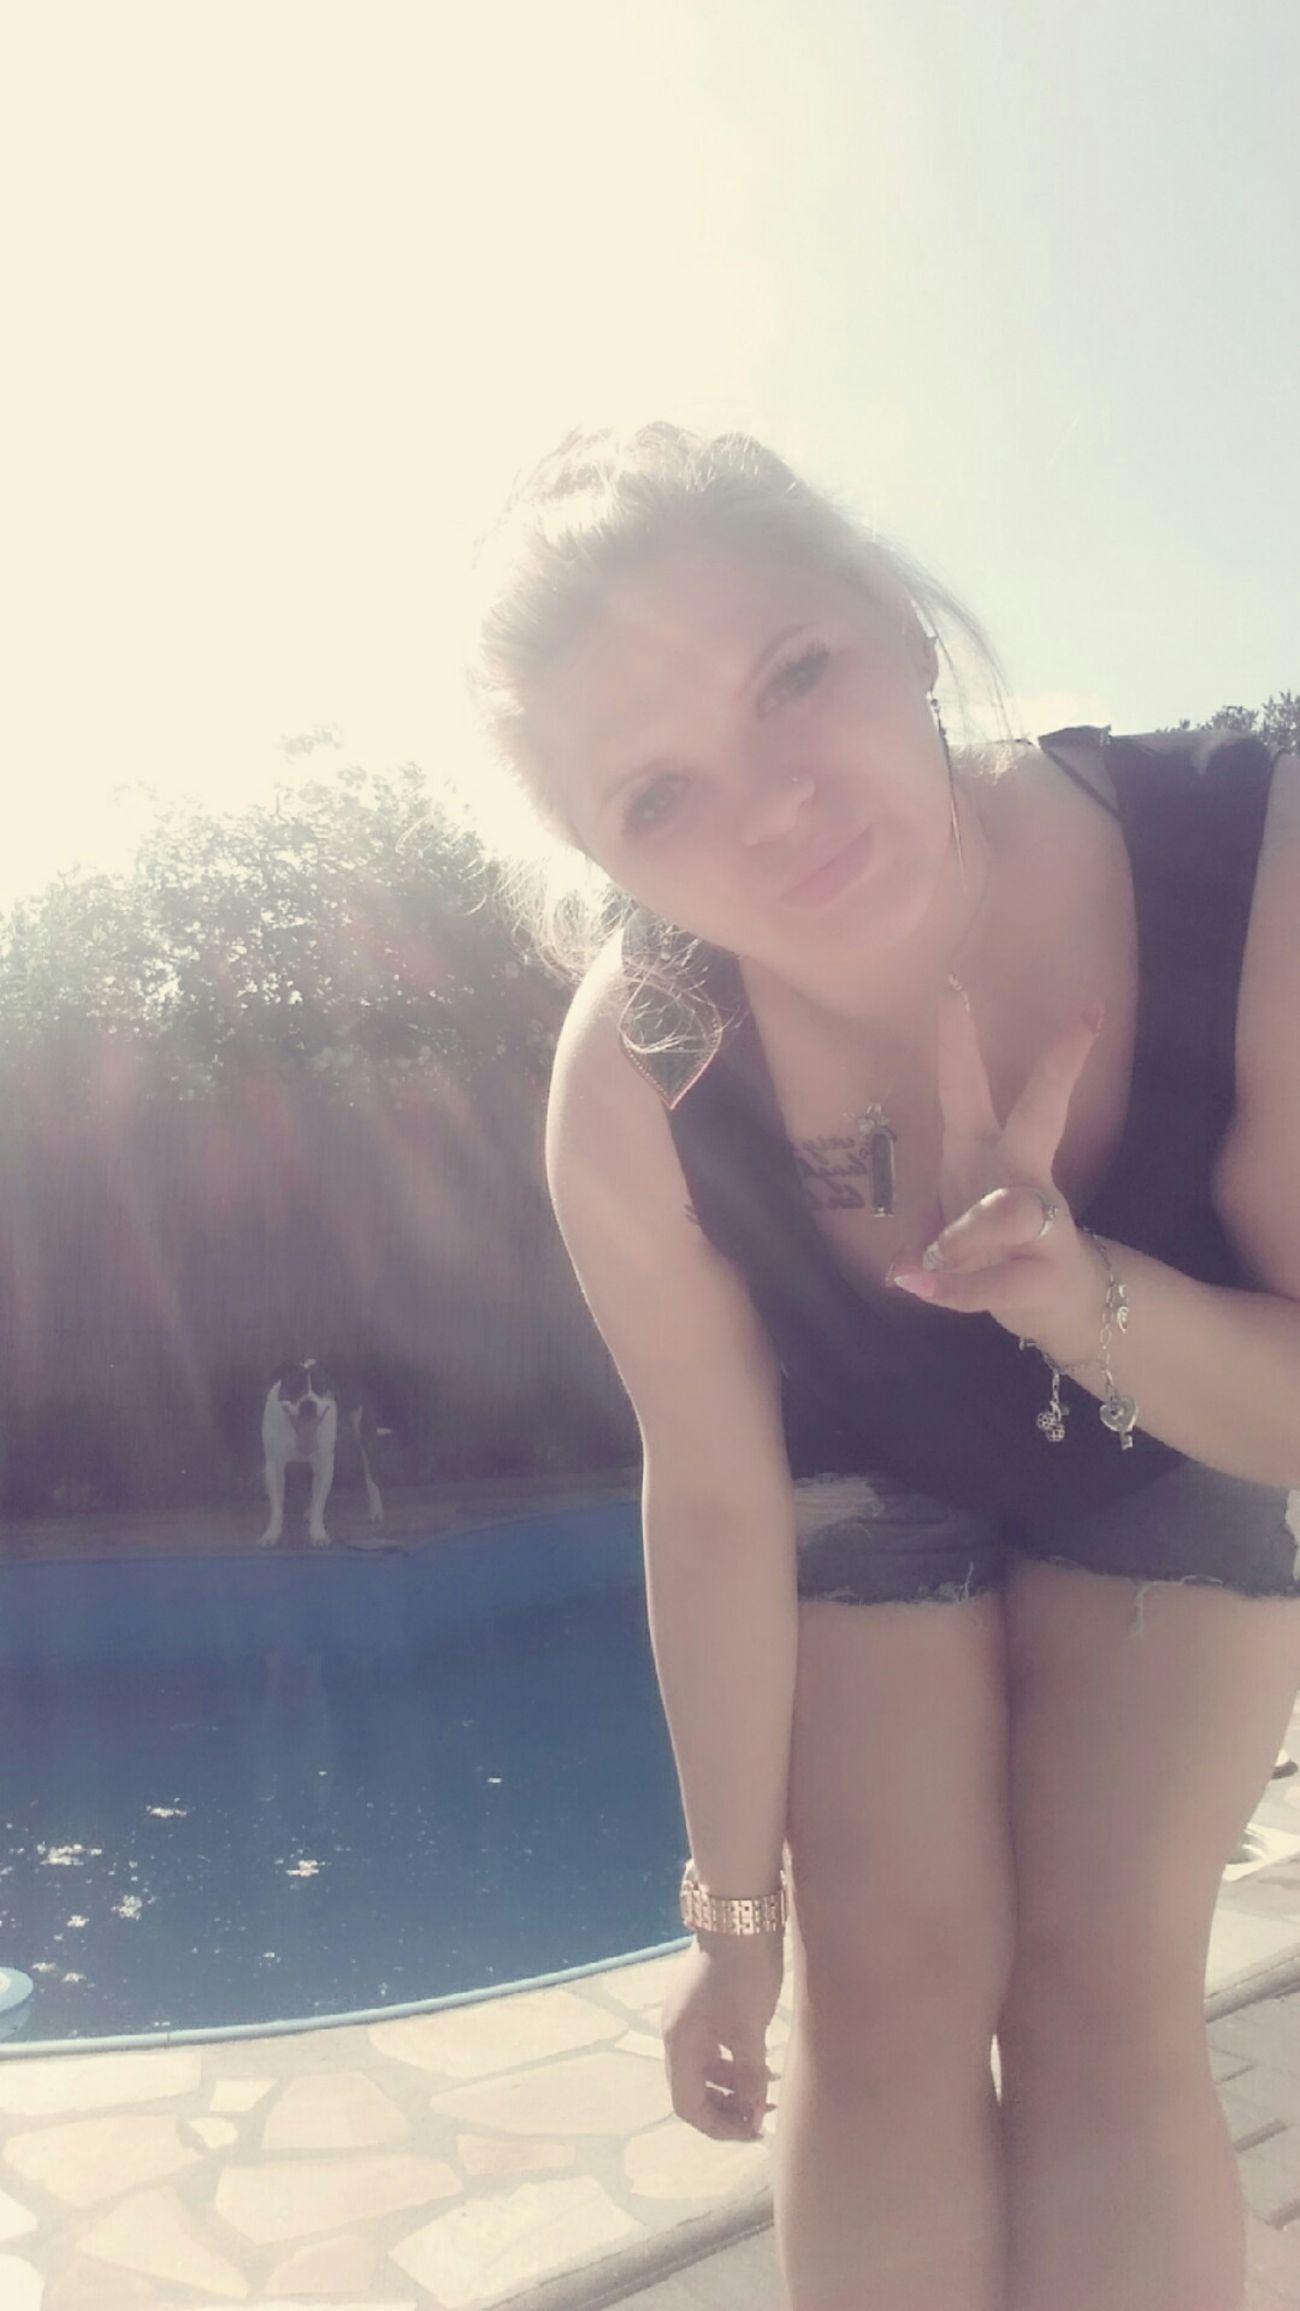 Blondehairdontcare Beautiful Sunny☀ EyeEm Best Shots Summer ☀ Love ♥ Sun_collection Sun ☀ I Love Summer love summer so much. xoxo. ♡♡♡